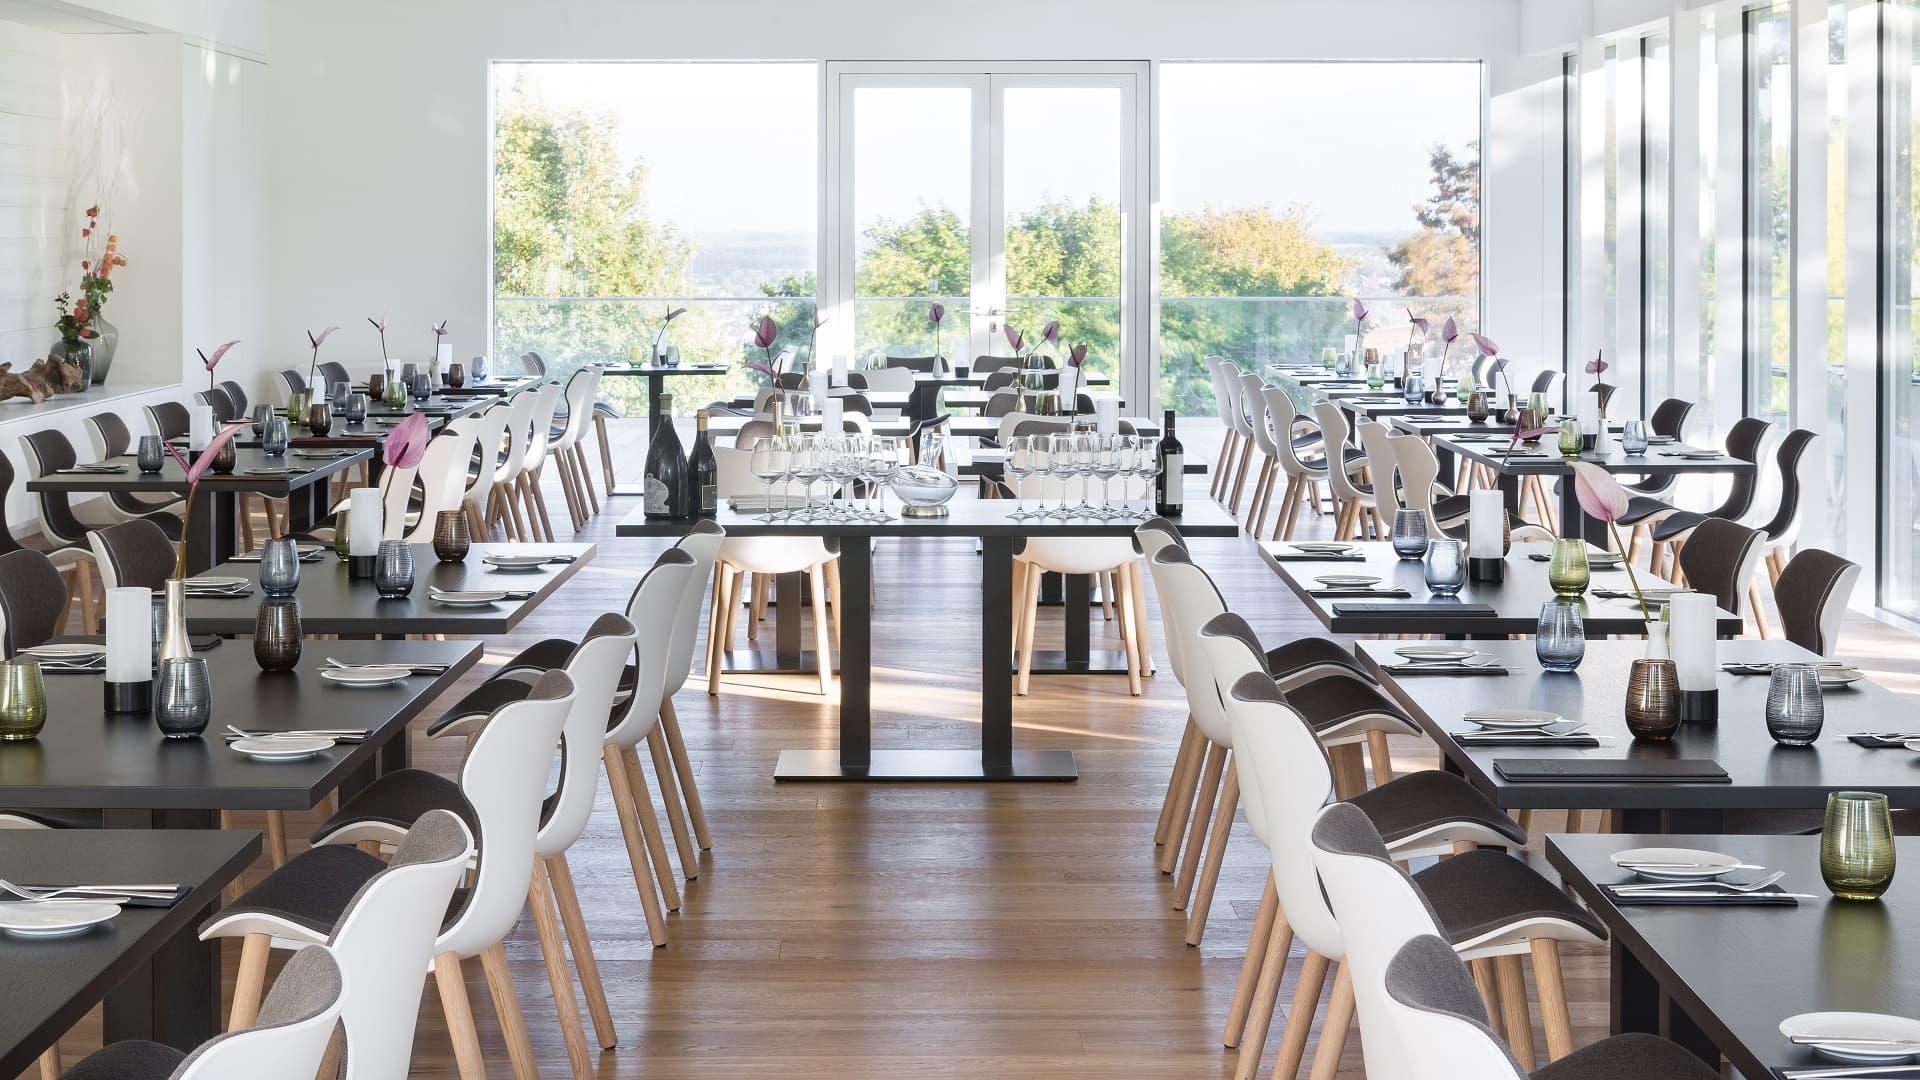 Restaurant für regionale Küche in Ulm - Restaurant 100GRAD